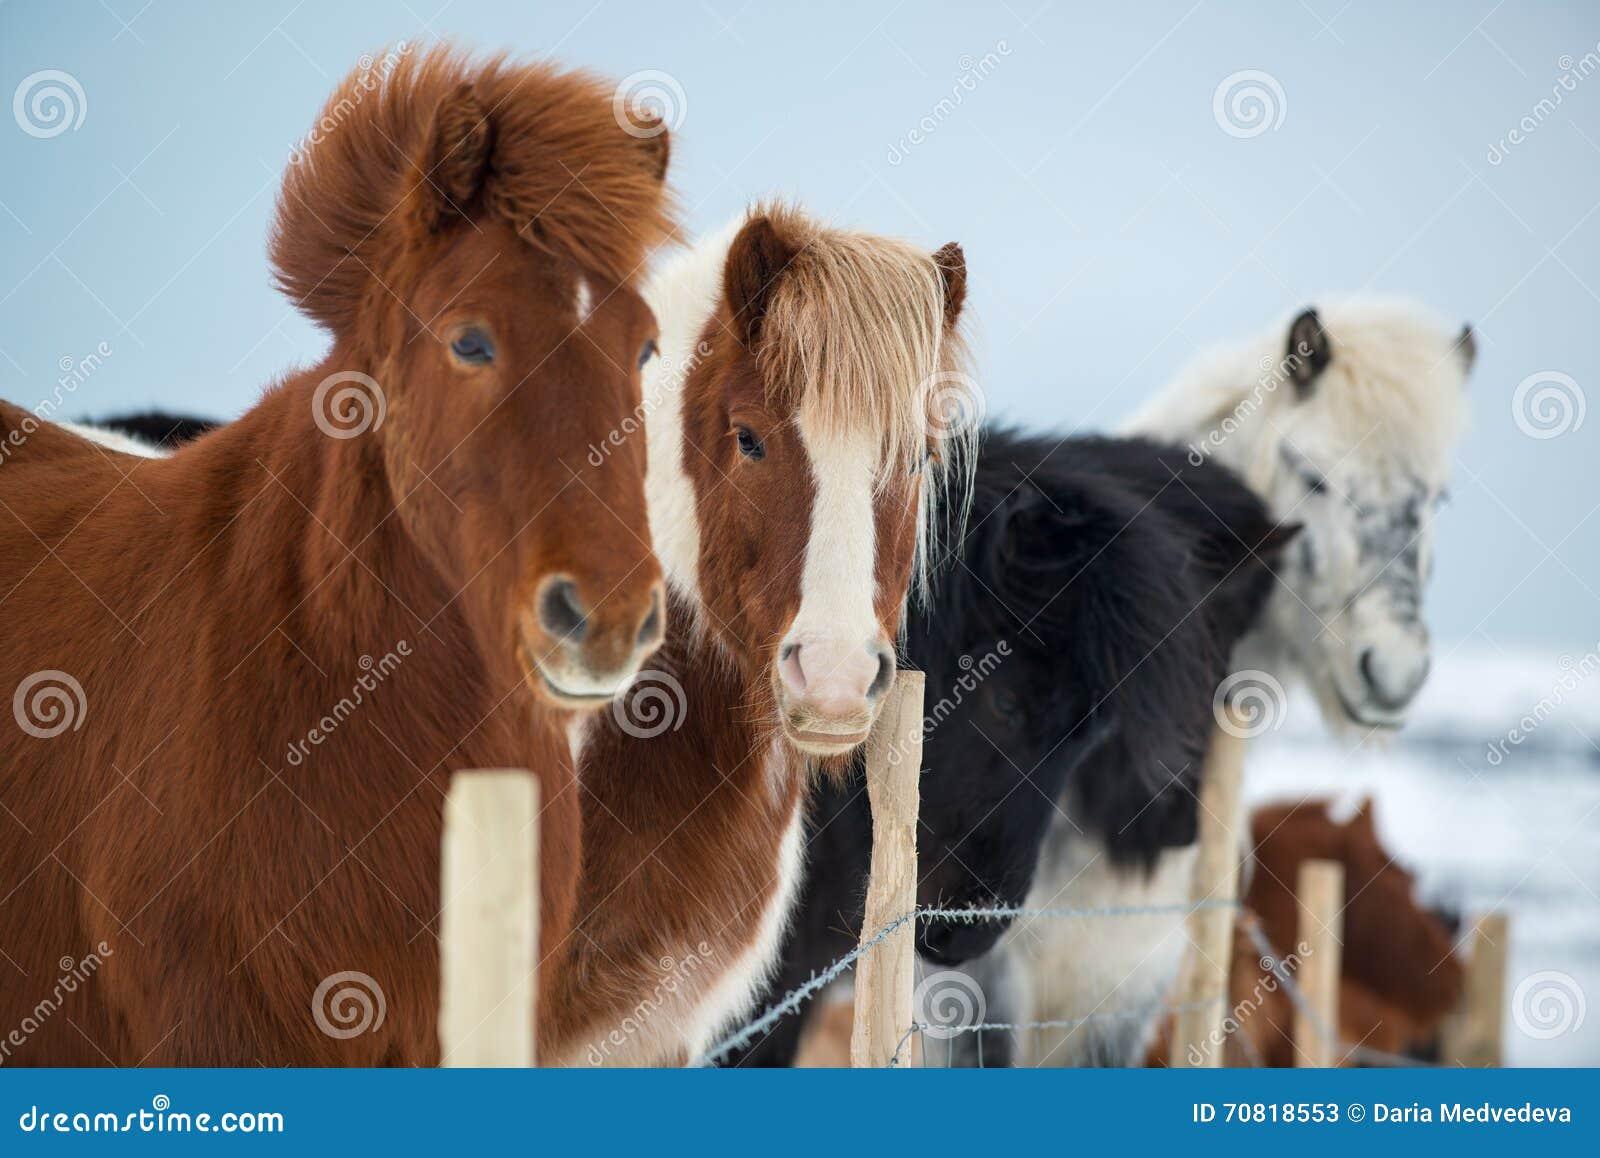 Mooie Ijslandse paarden in de winter, IJsland